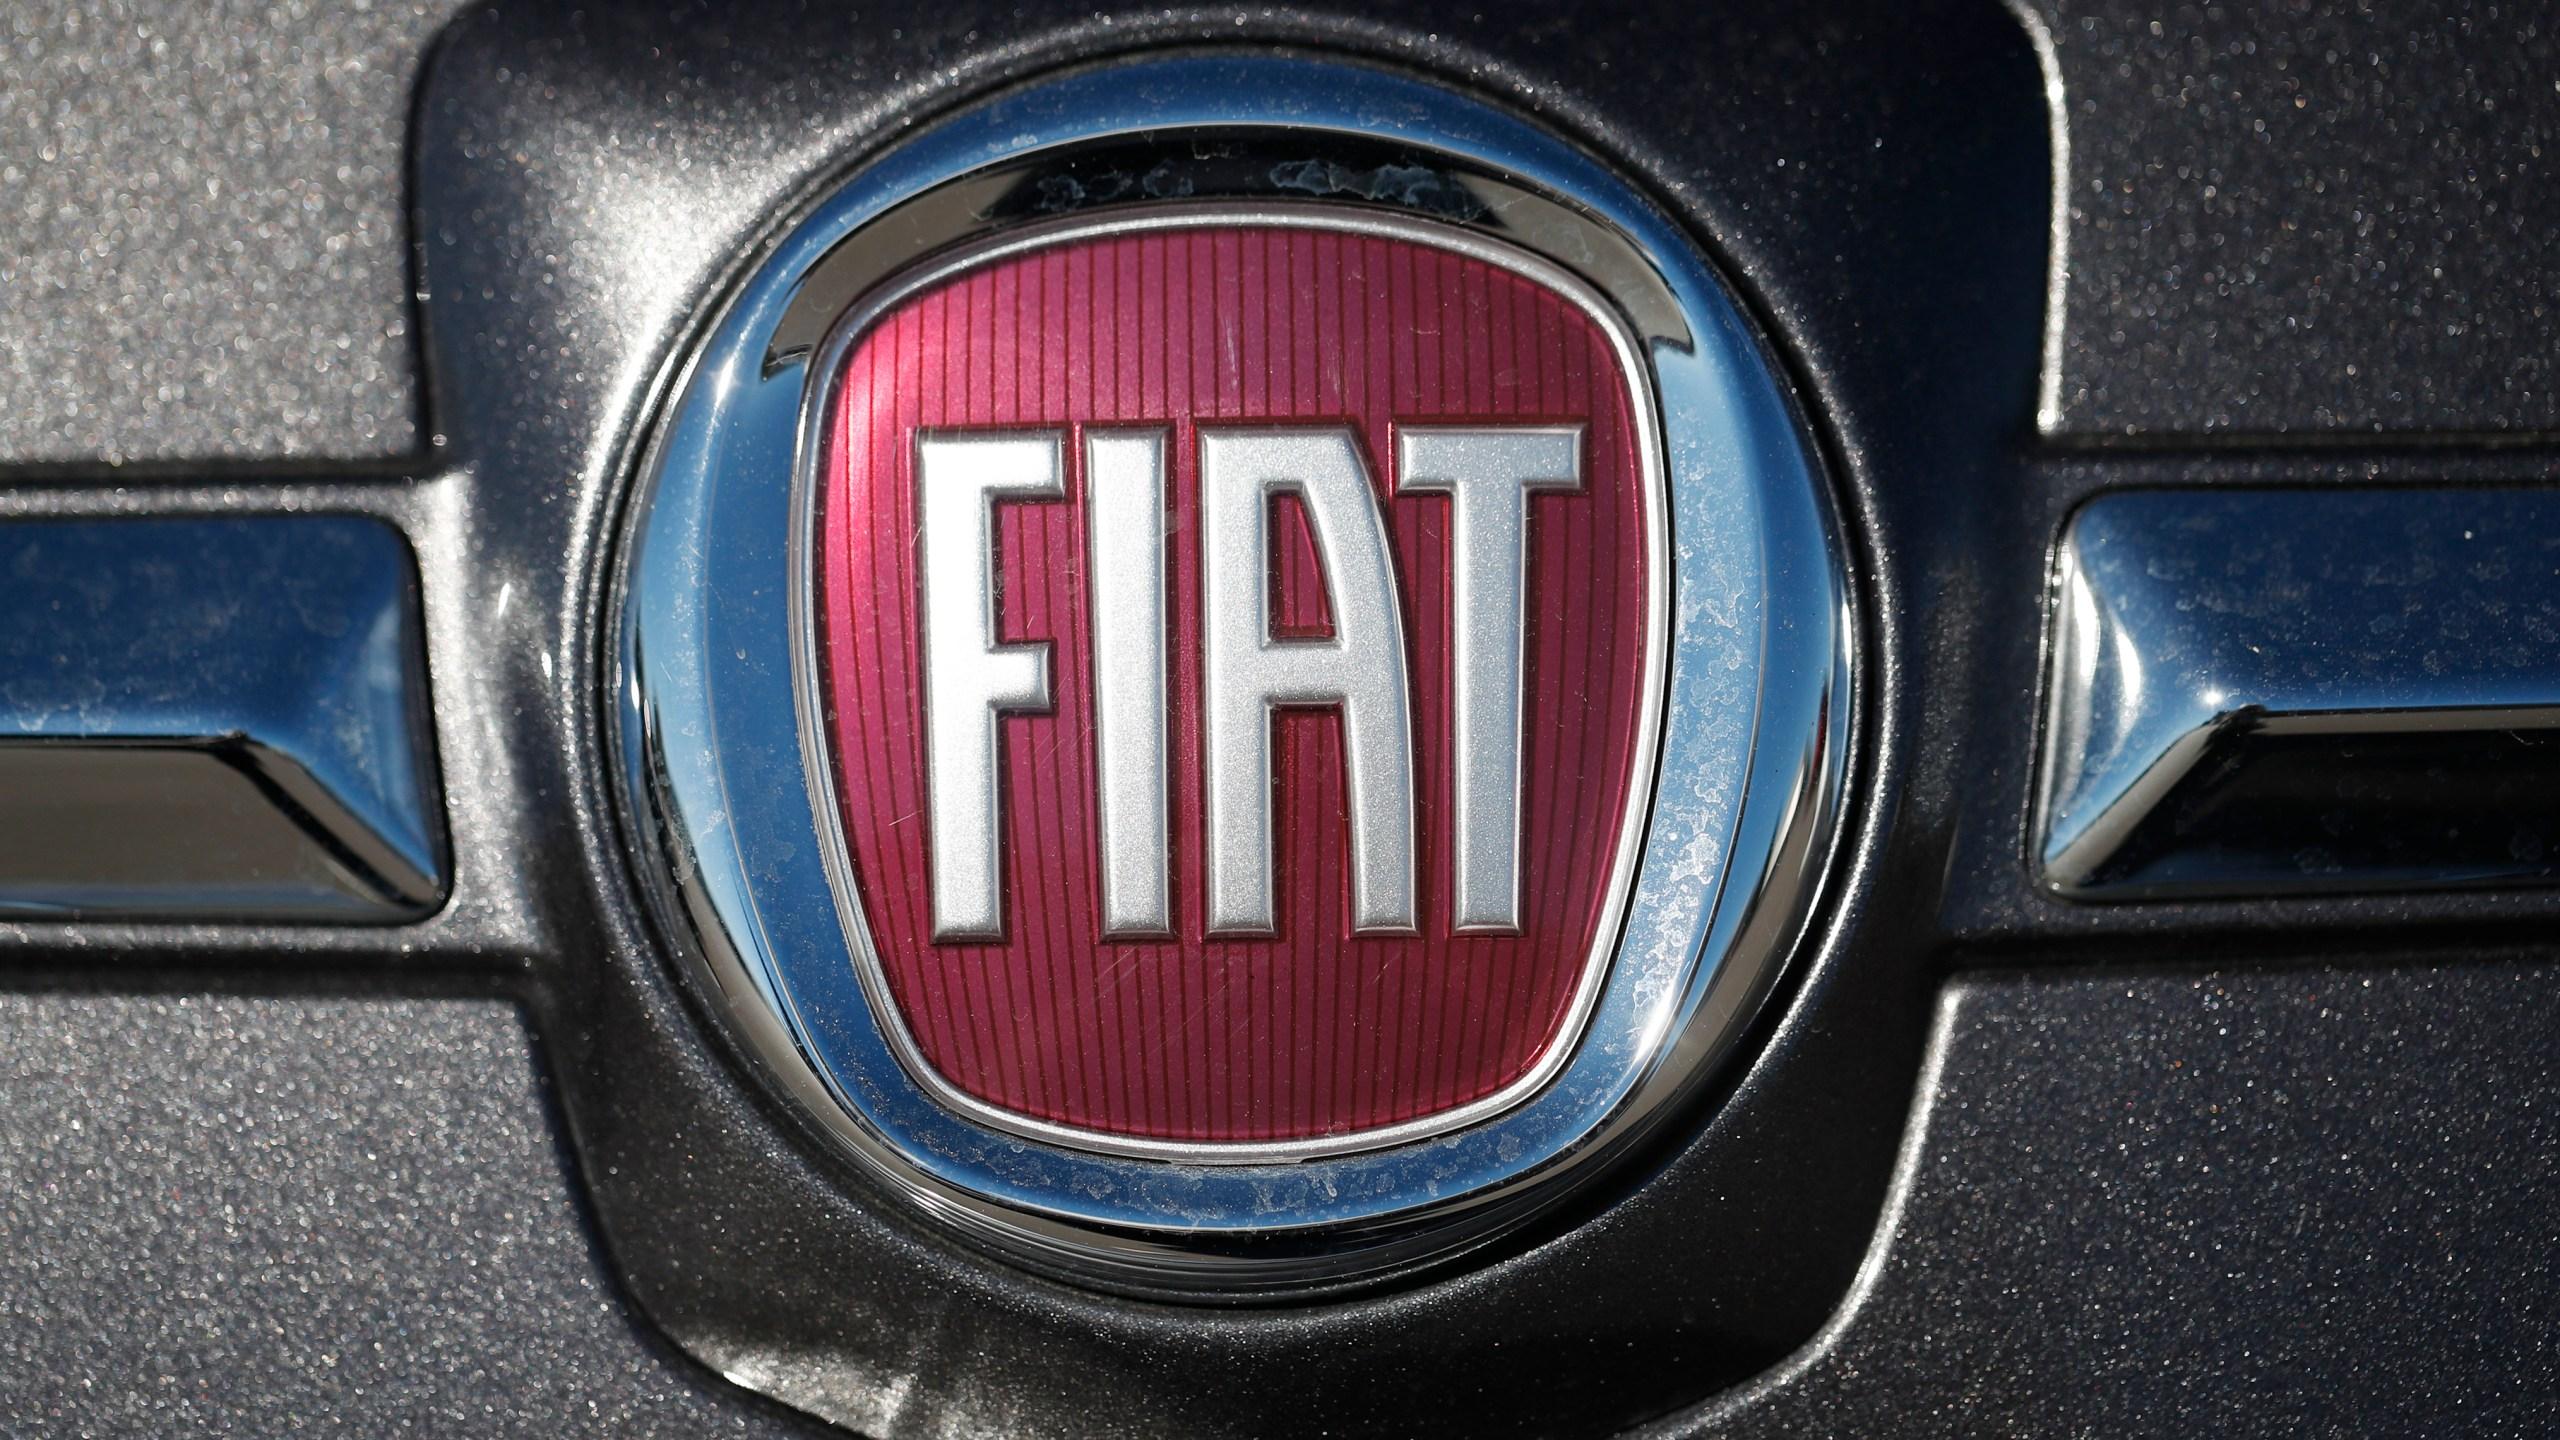 Fiat_Chrysler_Recall_76339-159532.jpg81619182